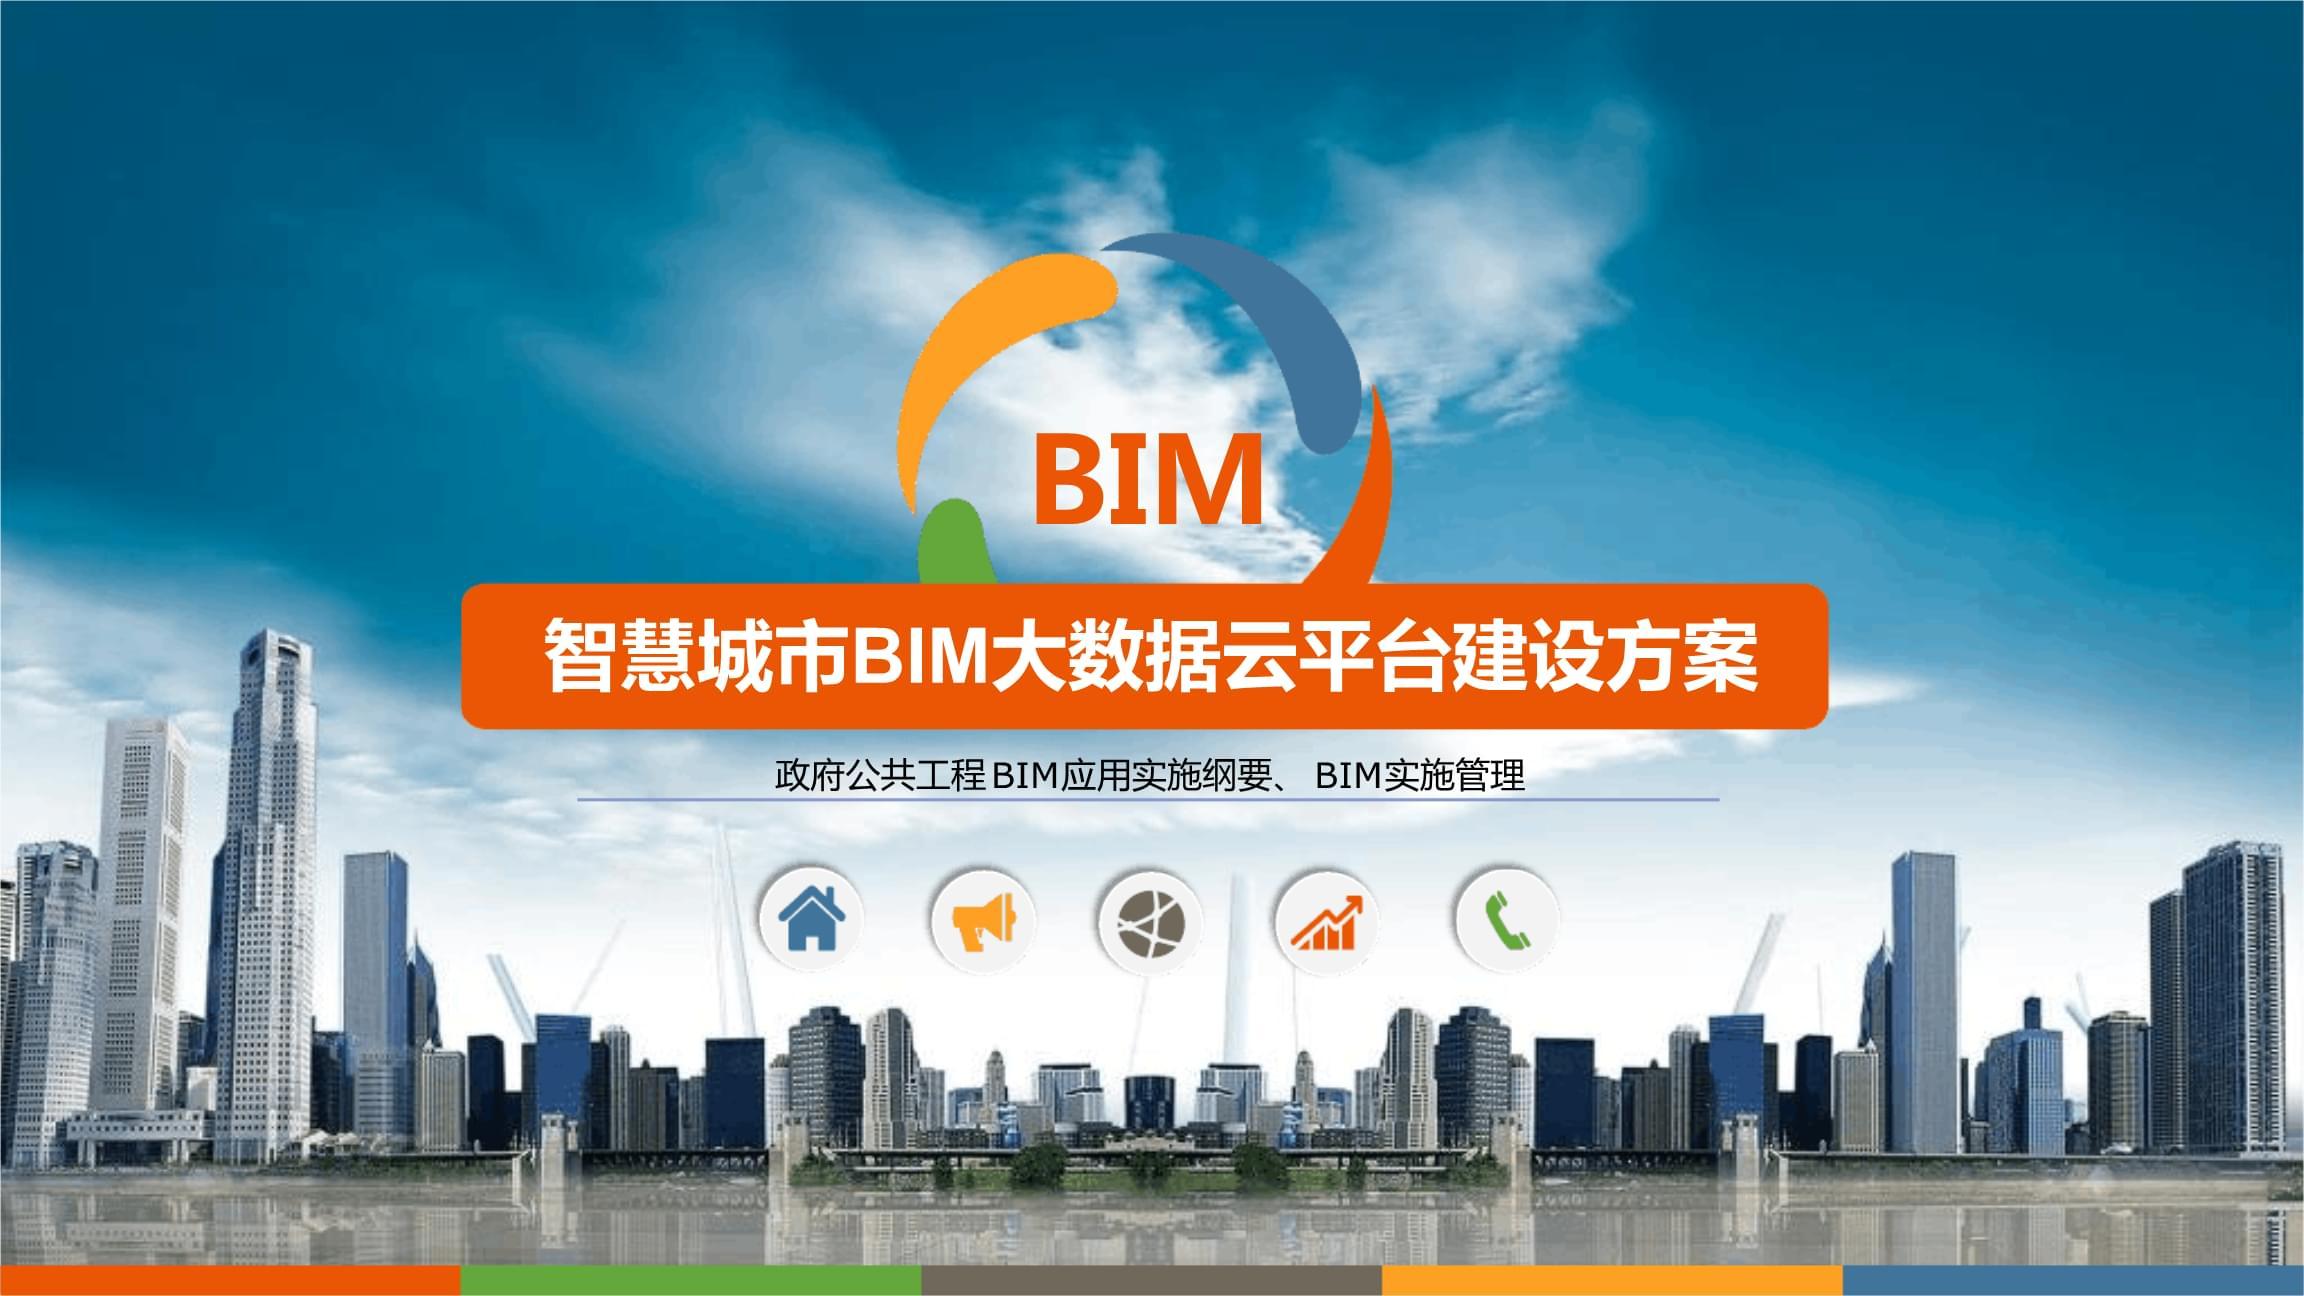 智慧城市BIM大数据平台方案.ppt